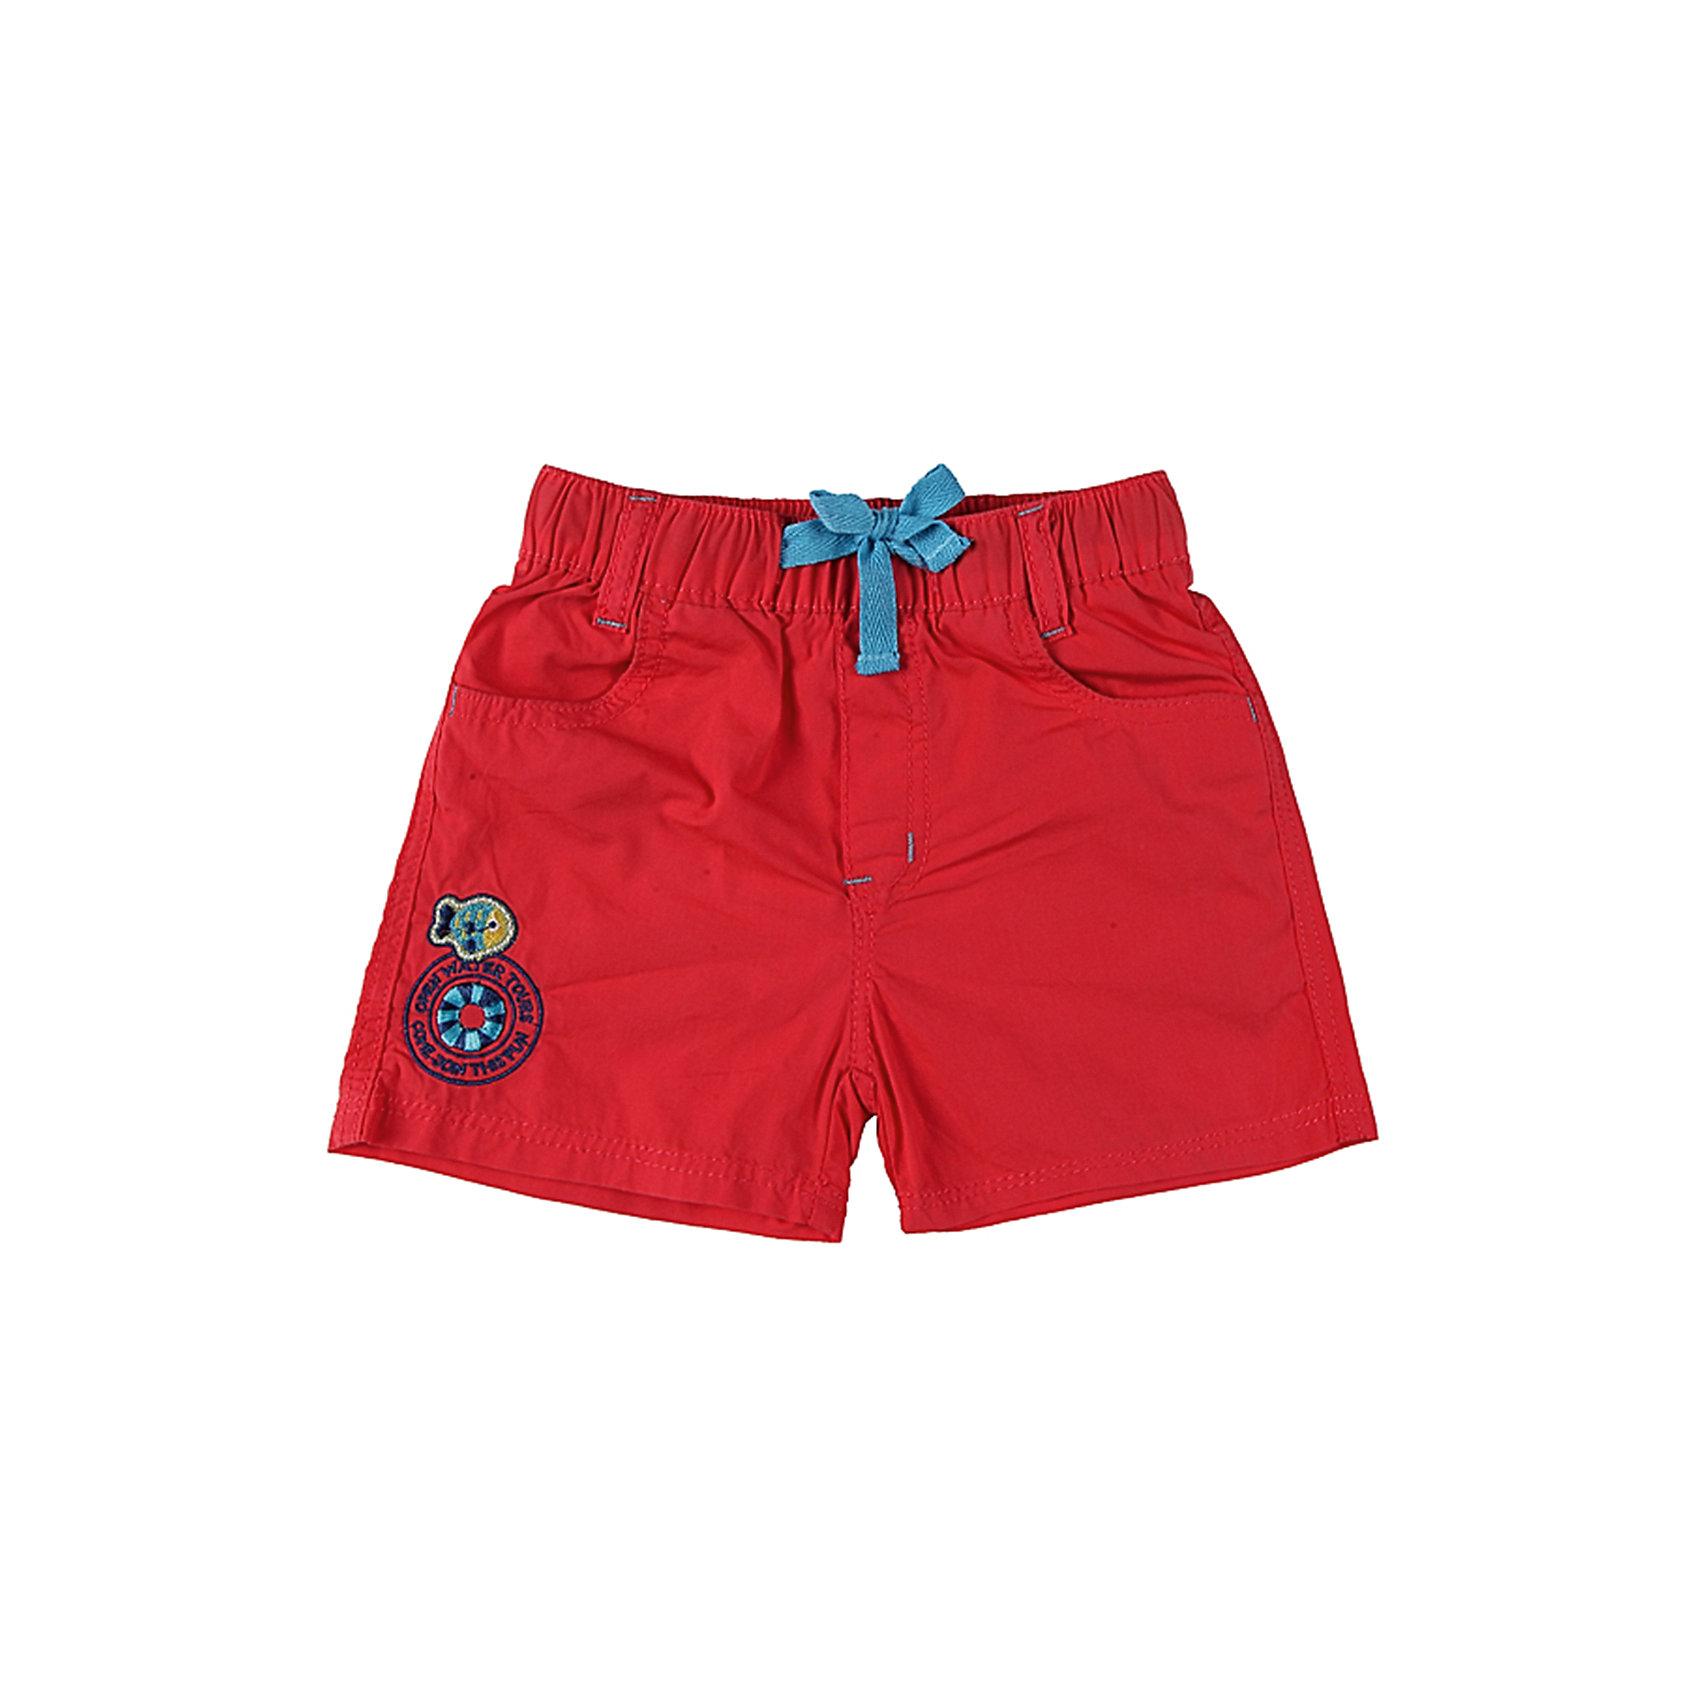 Шорты для мальчика Sweet BerryТекстильные шорты на резинке украшенные шевронами<br>Состав:<br>100% хлопок<br><br>Ширина мм: 191<br>Глубина мм: 10<br>Высота мм: 175<br>Вес г: 273<br>Цвет: красный<br>Возраст от месяцев: 9<br>Возраст до месяцев: 12<br>Пол: Мужской<br>Возраст: Детский<br>Размер: 80,98,92,86<br>SKU: 4522179